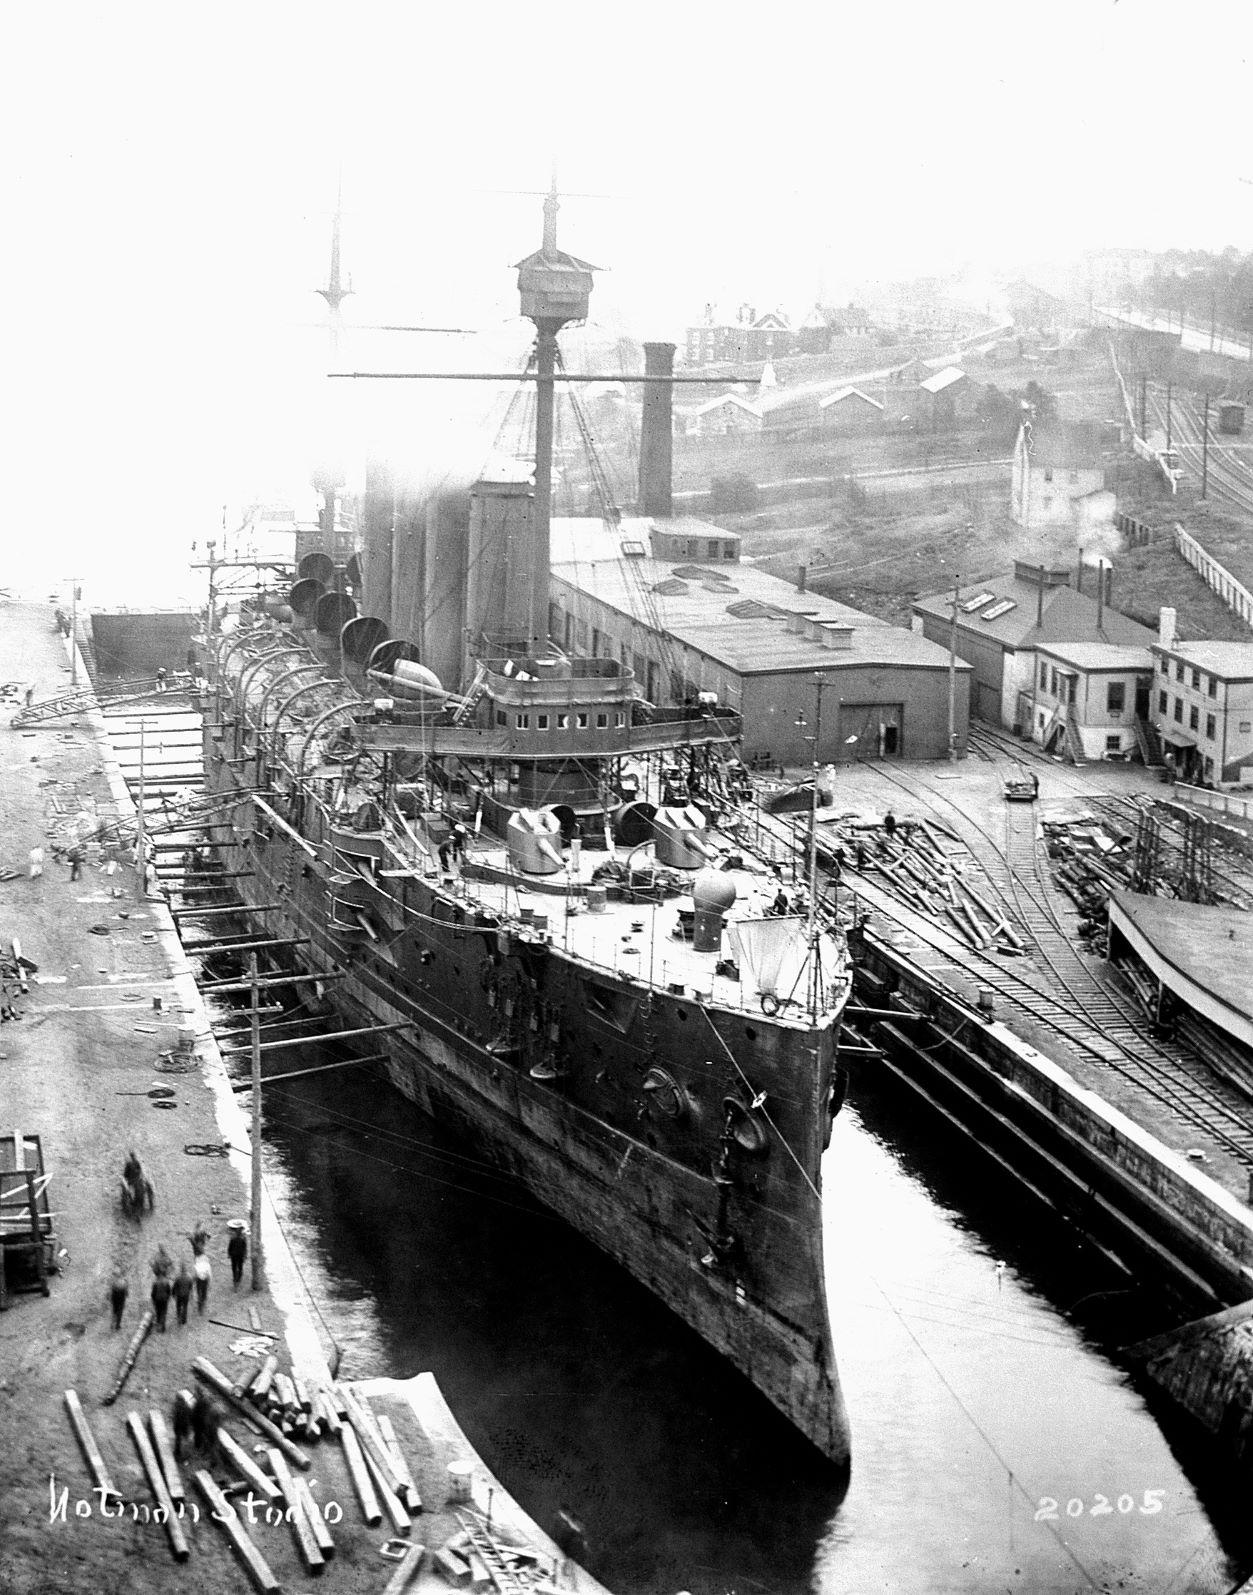 HMCS Niobe in Drydock